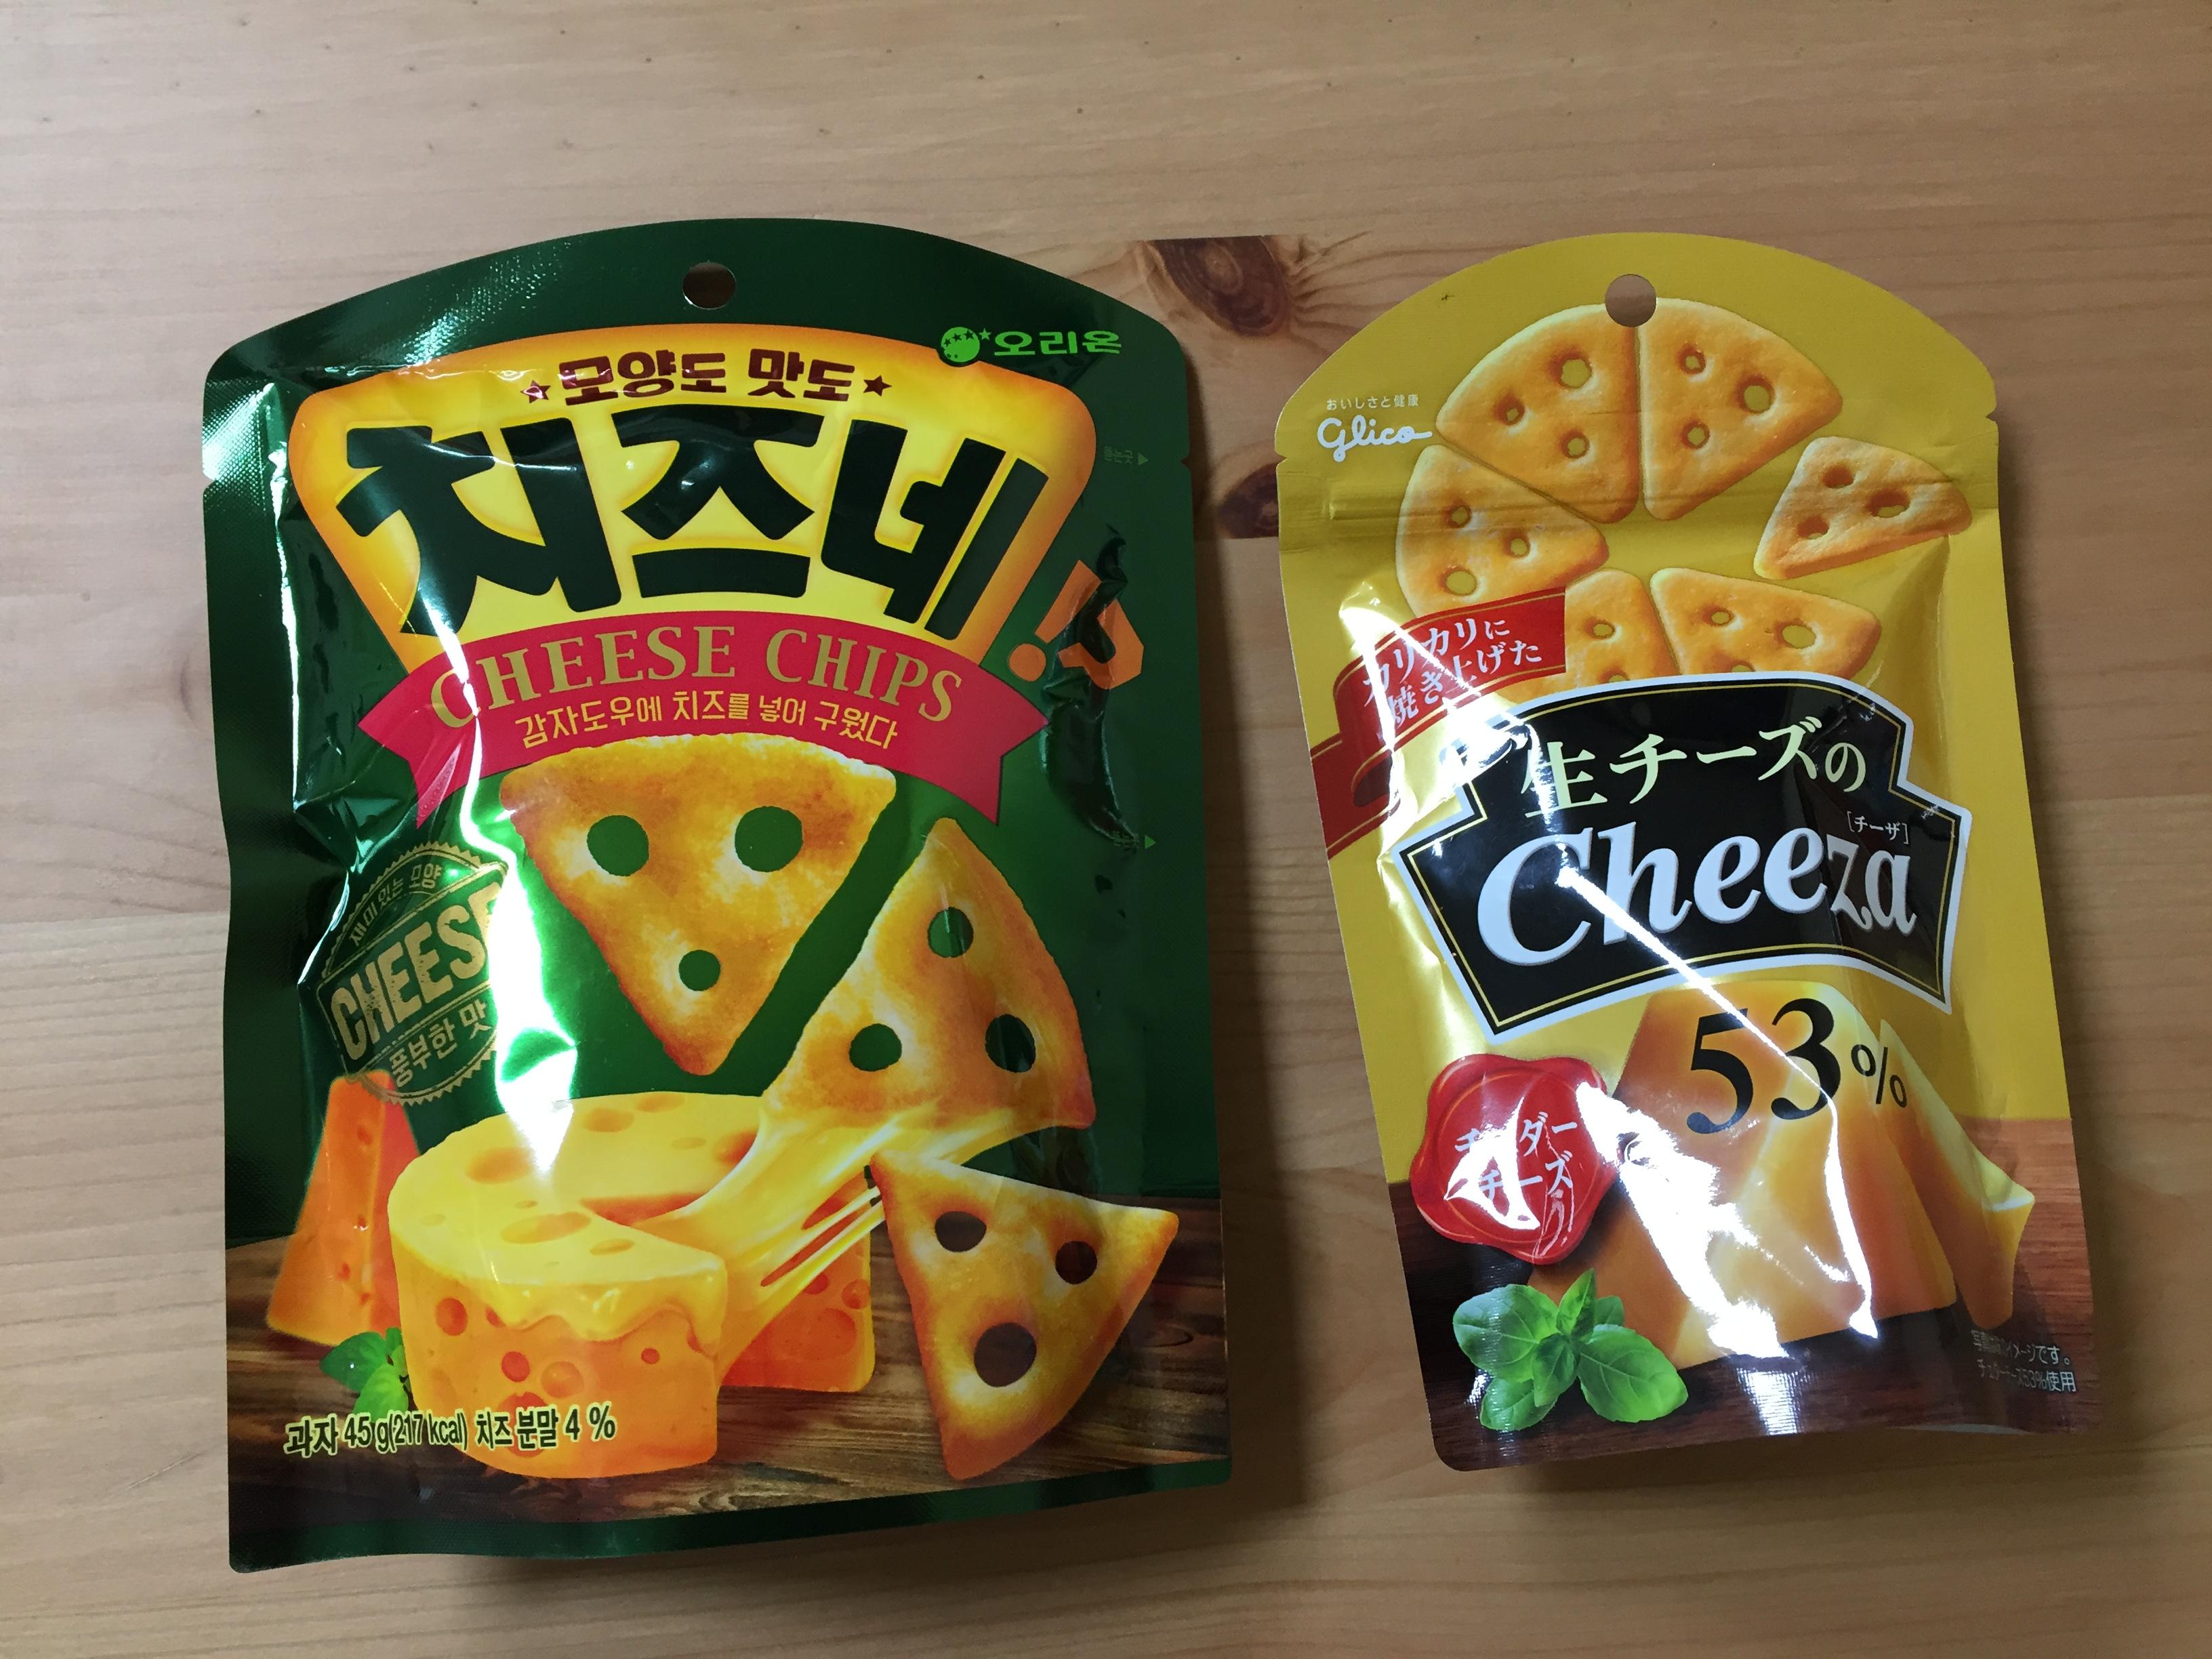 오리온/치즈네, glico/生チーズのCheeza 53% ..